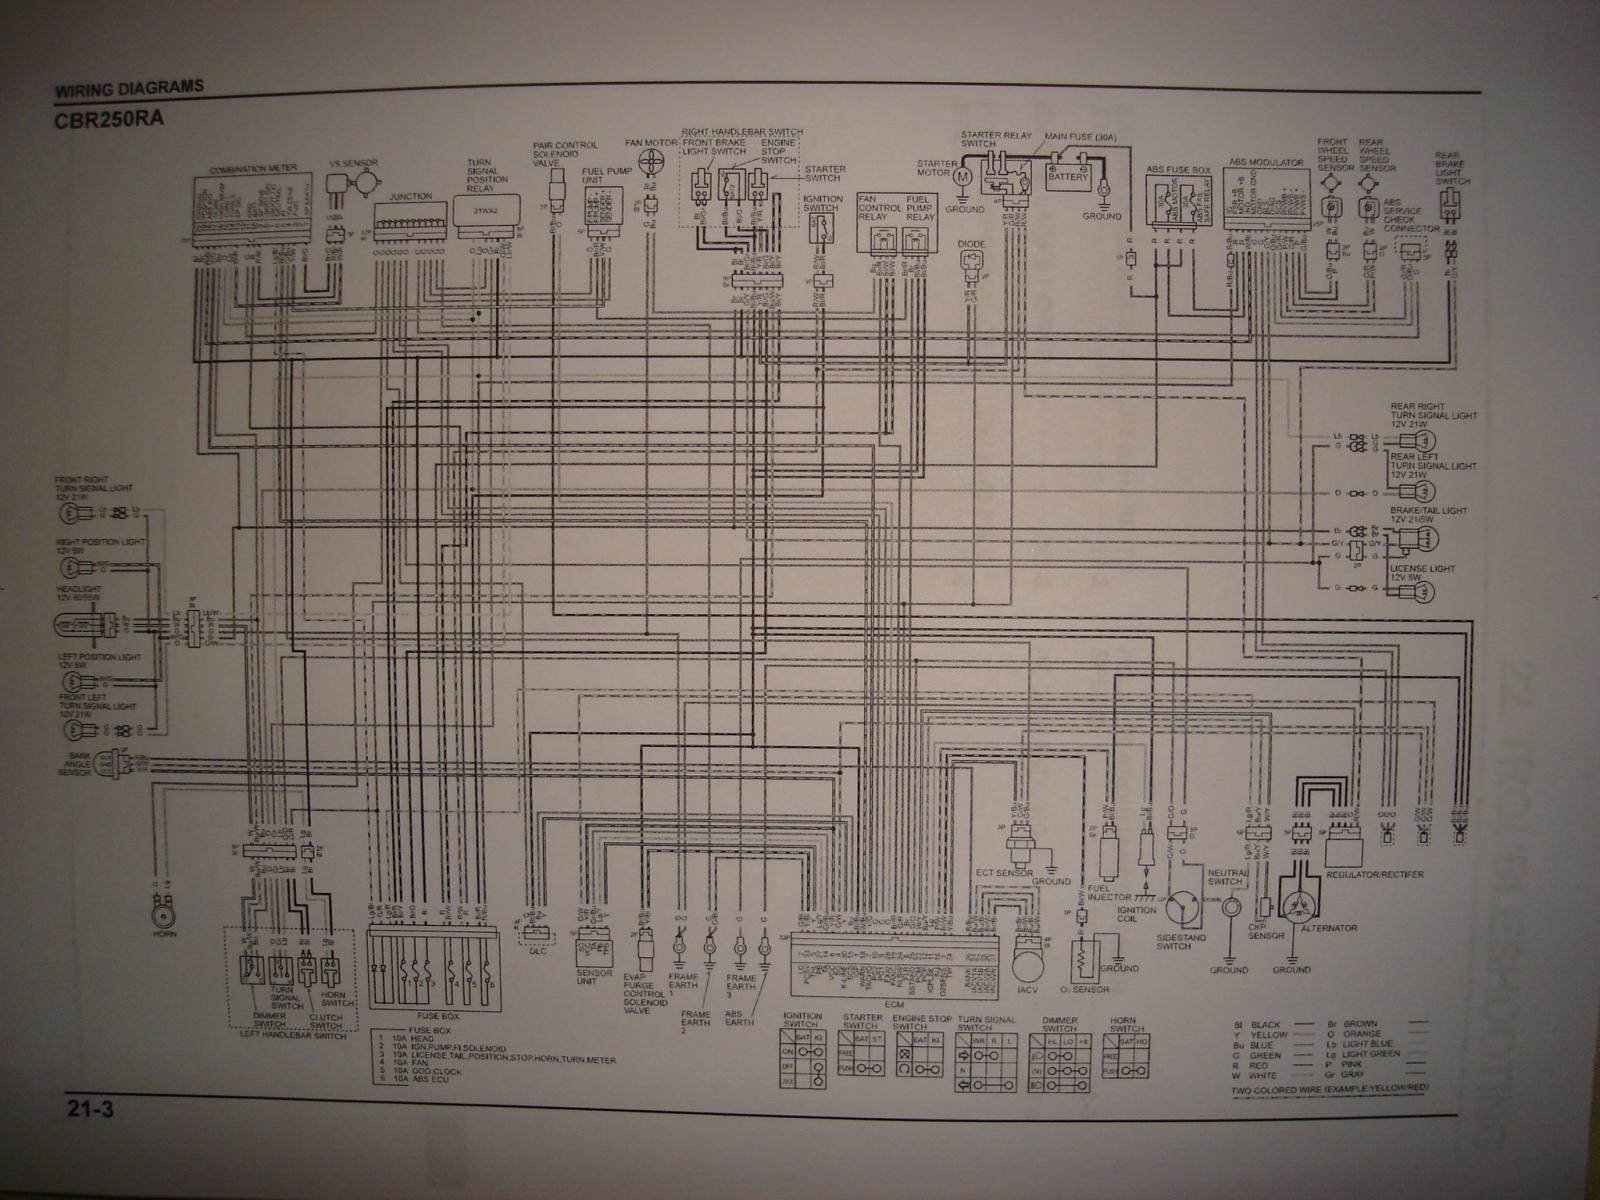 electrical diagram | Honda CBR 250 Forum